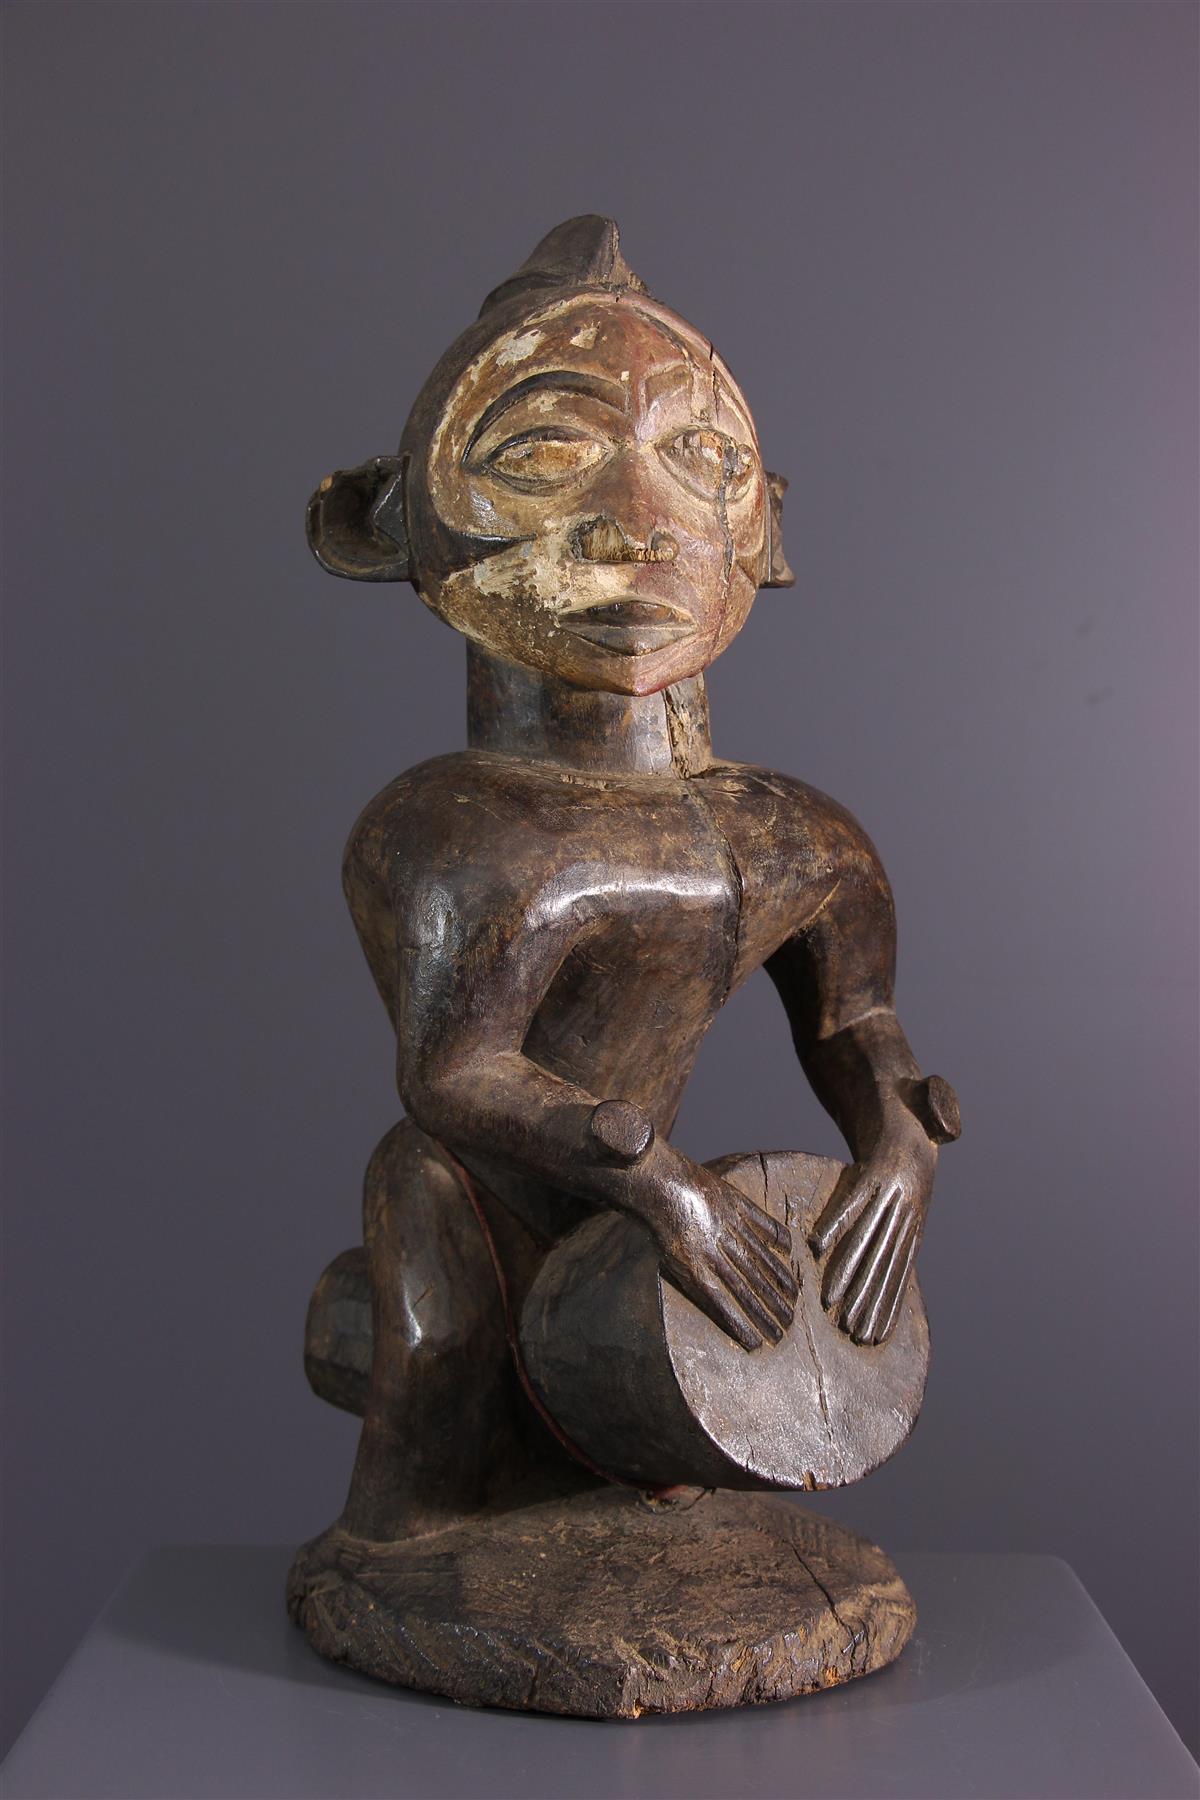 Nkanu figure - African art